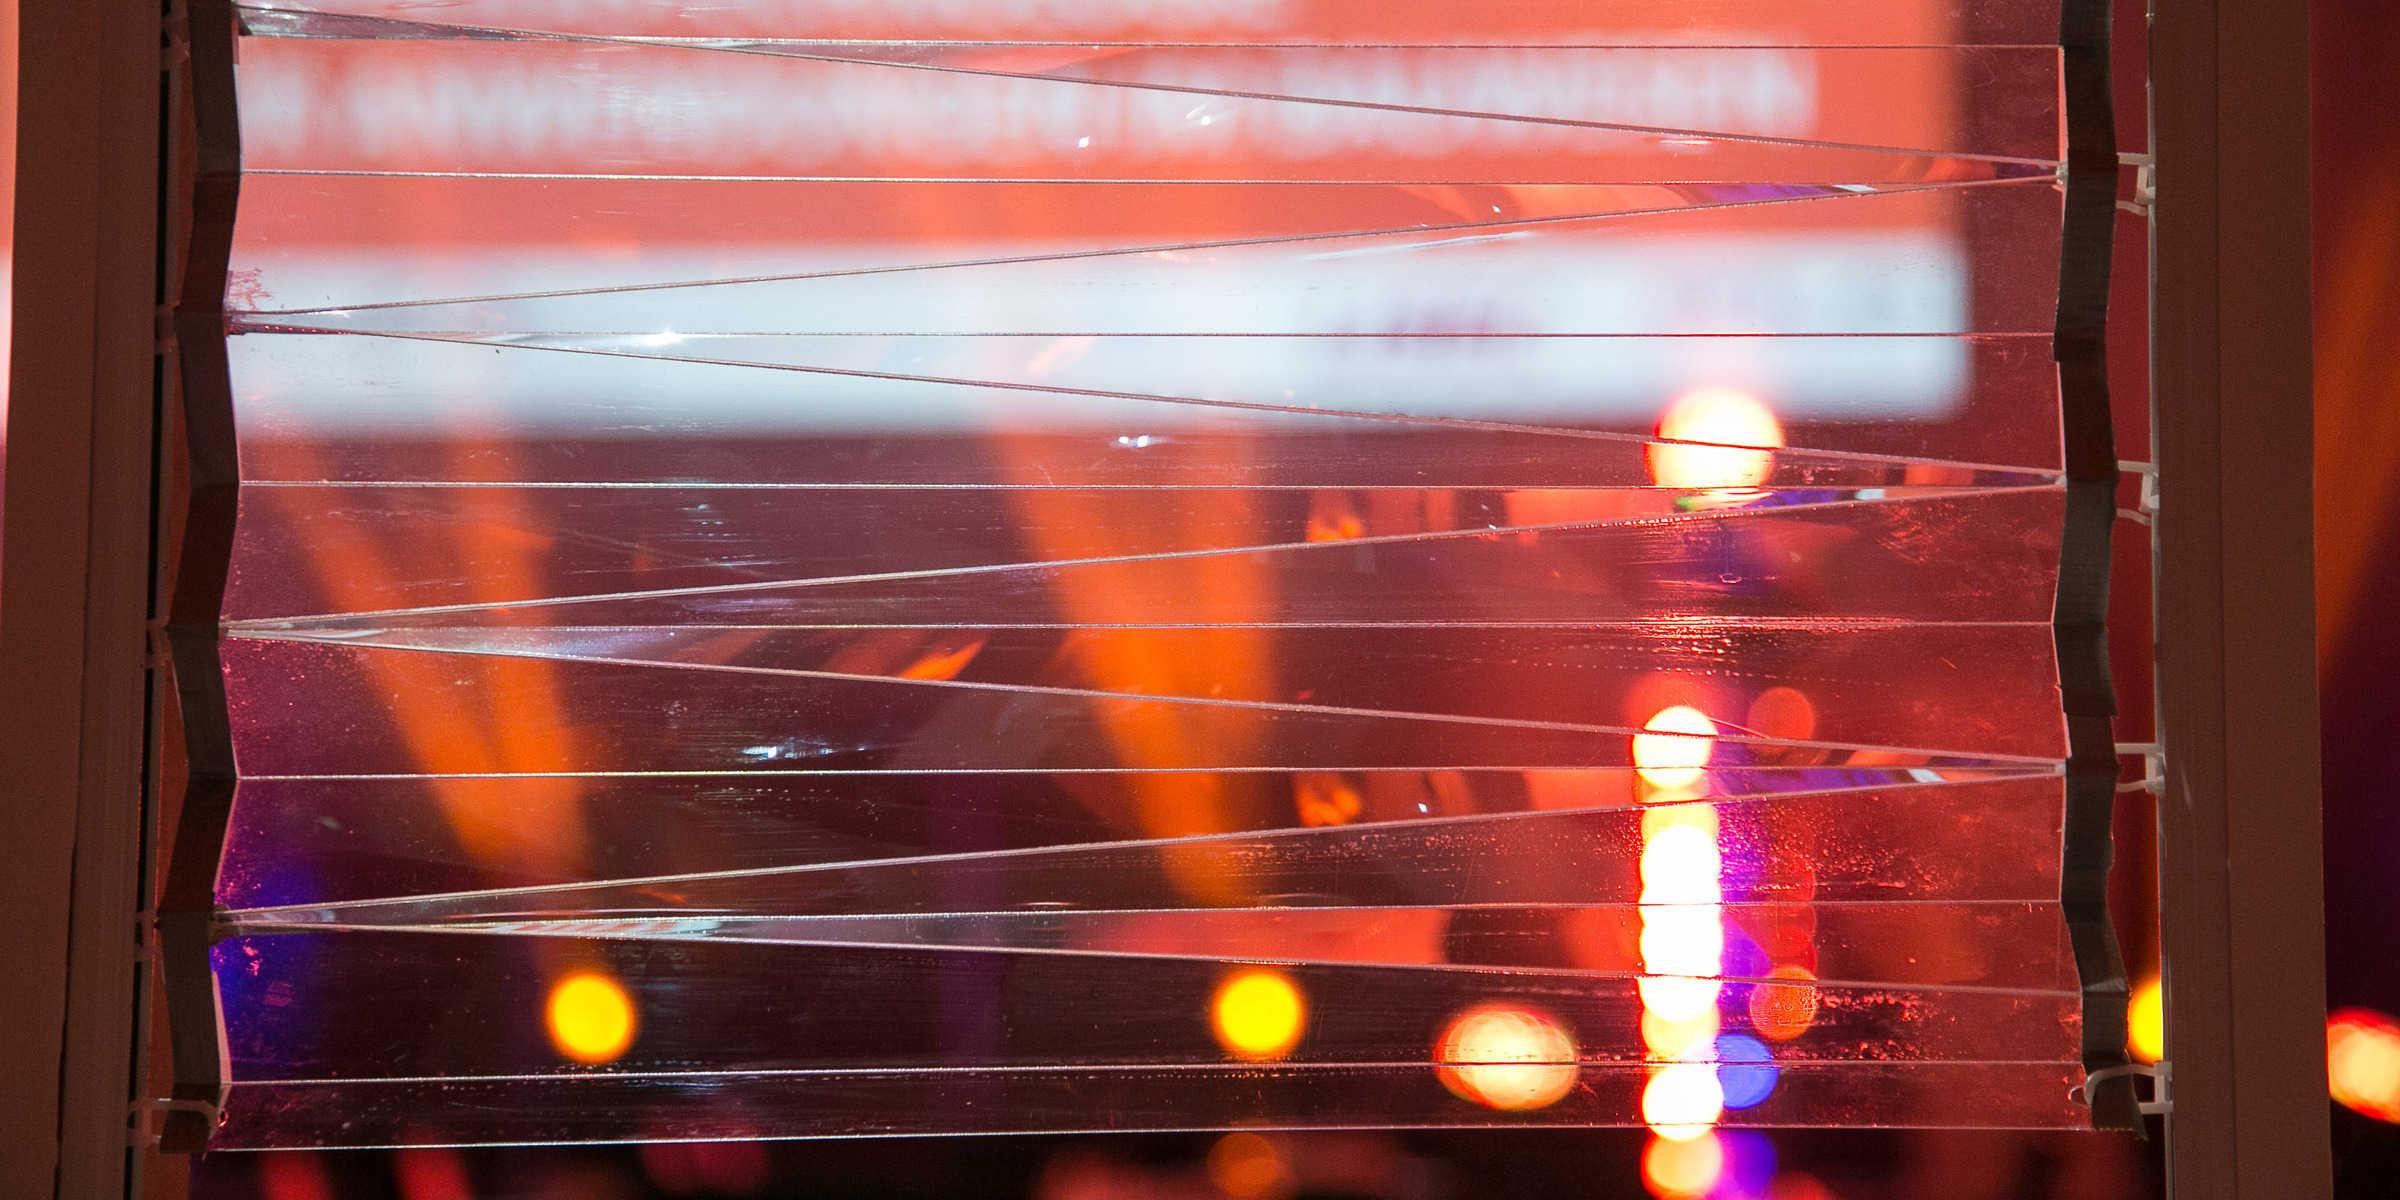 Glasfassaden sollen in Zukunft auch beweglich sein. Hier drehen sich die Dünnglasplatten beim Hochschieben ineinander. (Foto: Klaus Morgenstern)